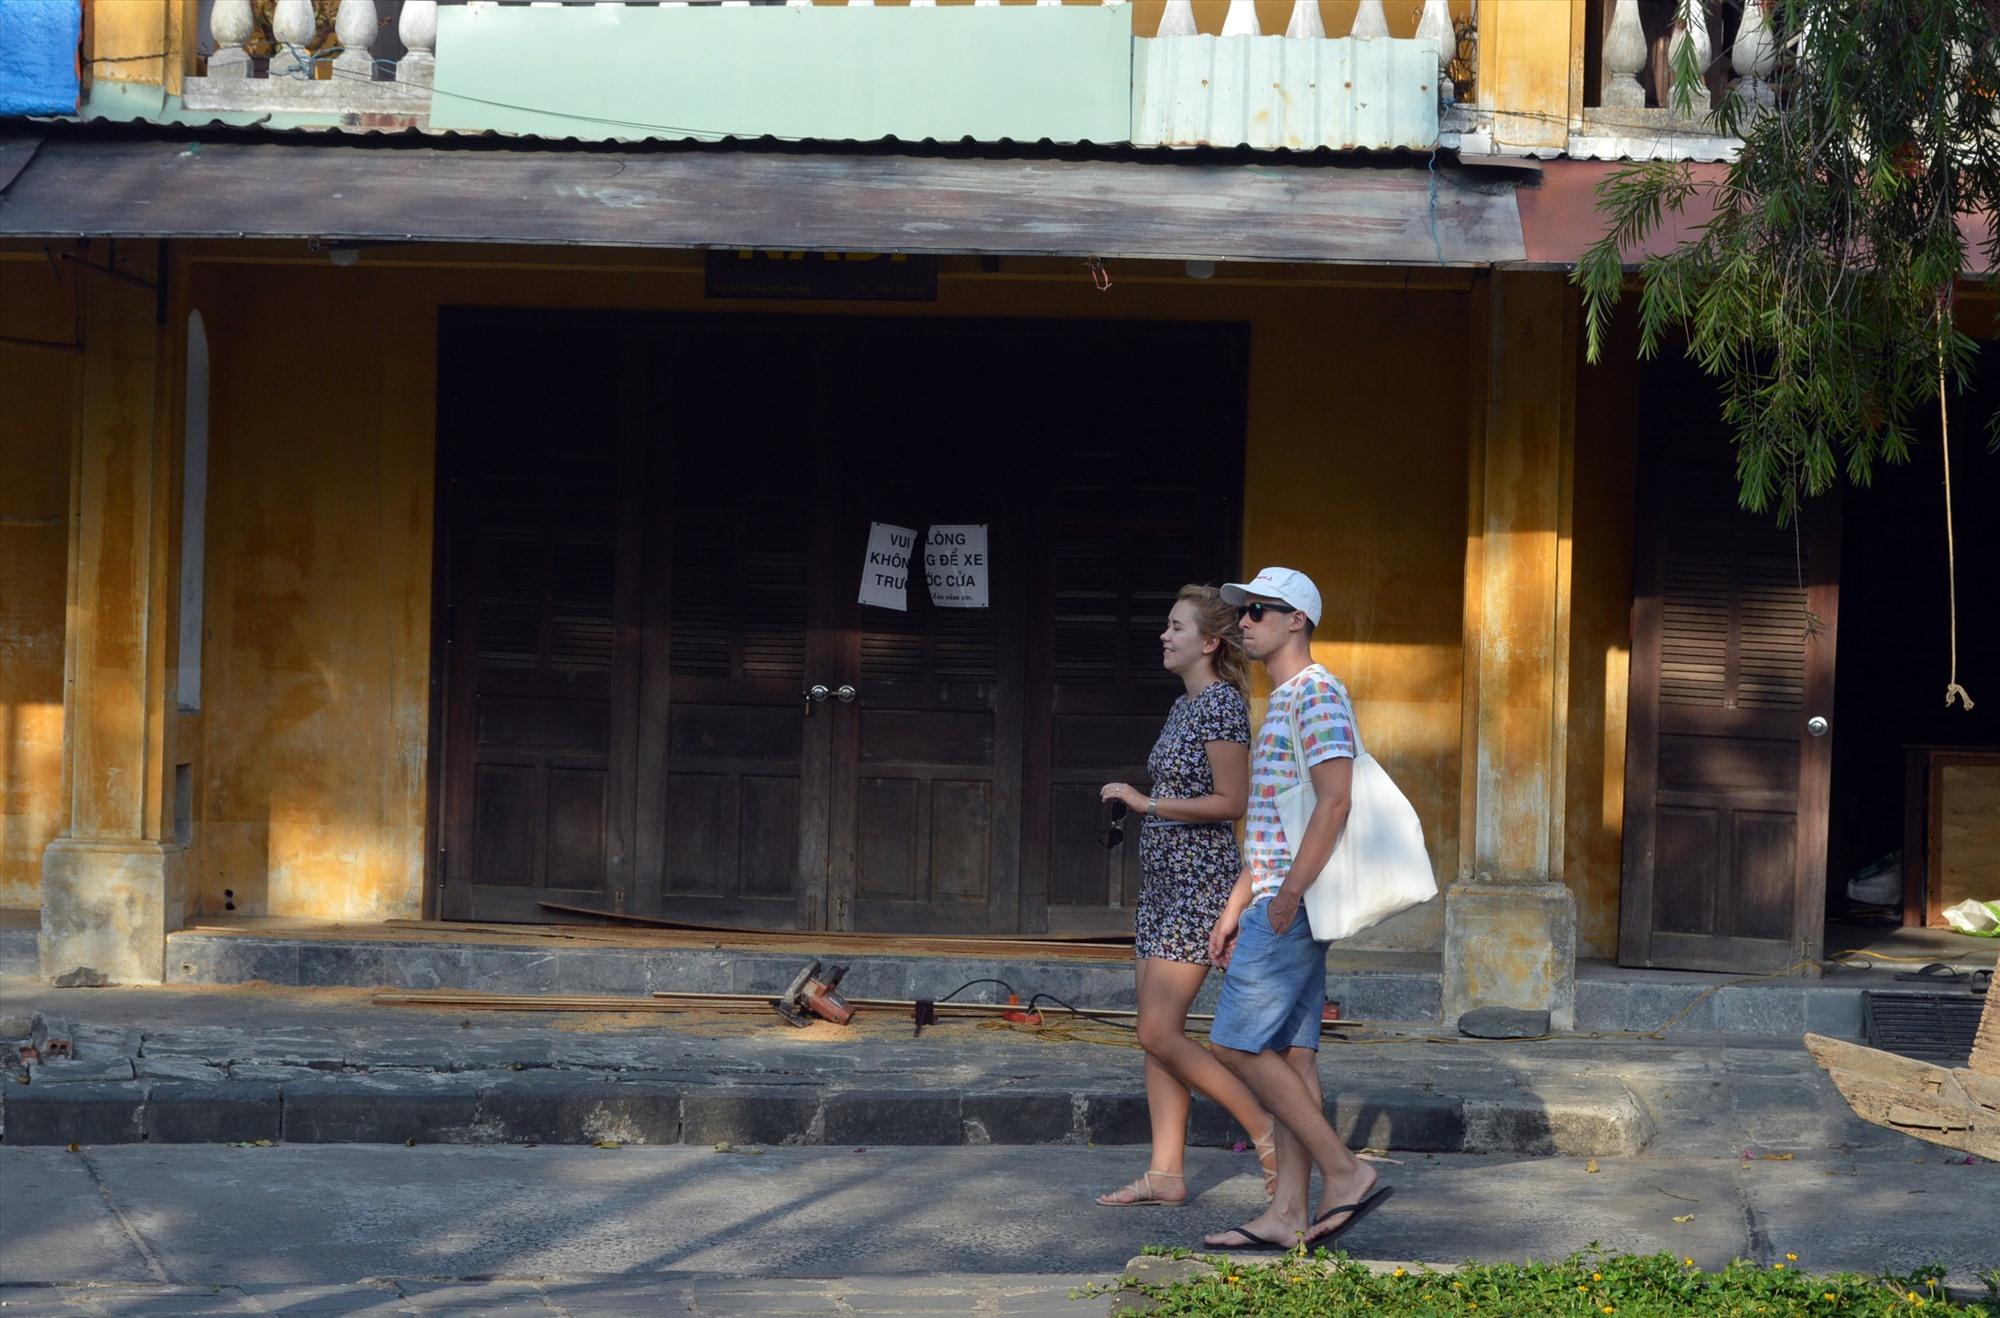 Du lịch Quảng Nam sẽ phục hồi sau nhiều yếu tố tác động tích cực